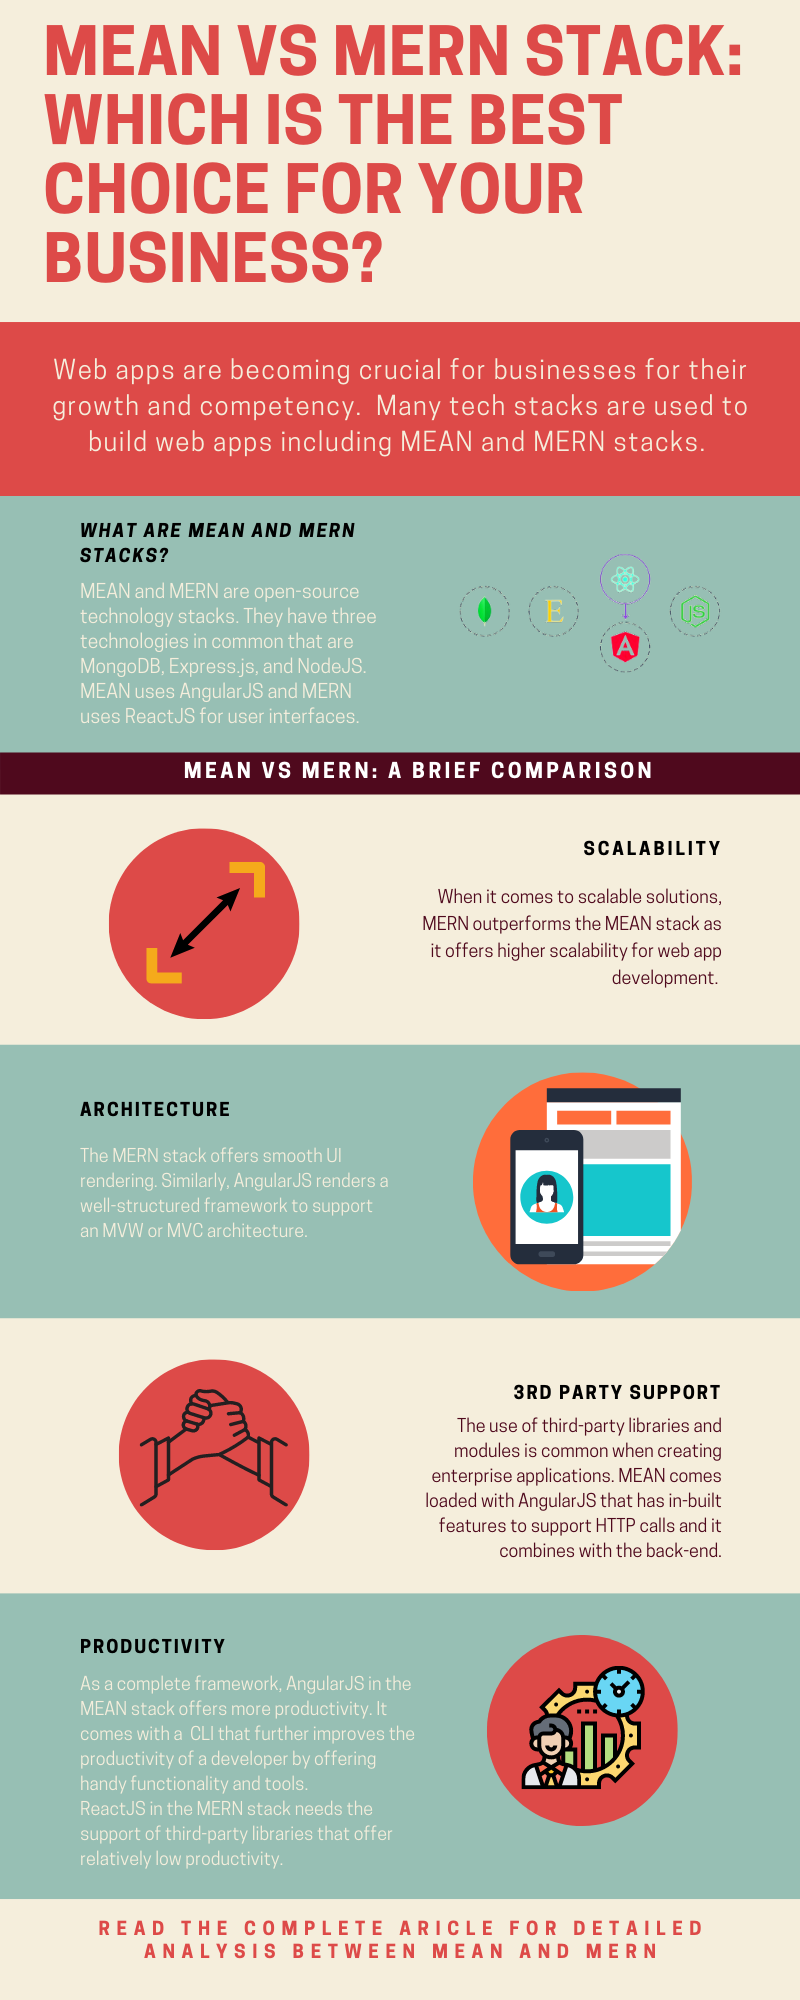 MEAN vs MERN Stack